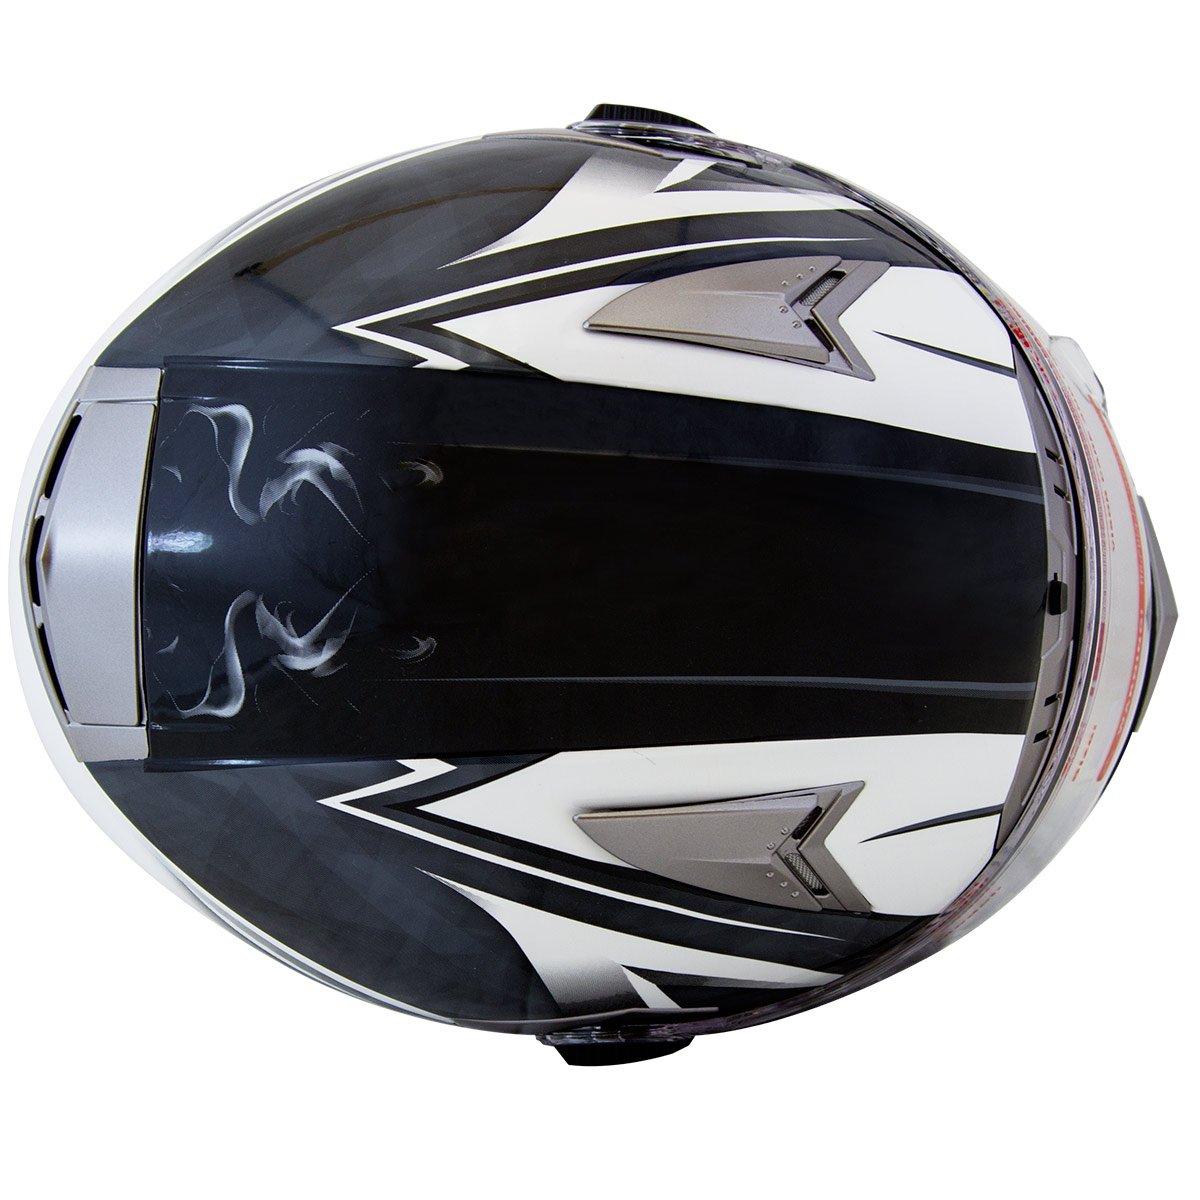 5de3c0b3 Mega Z Black White Dual Visor Street Bike Full Face Motorcycle Helmet DOT  (Large)